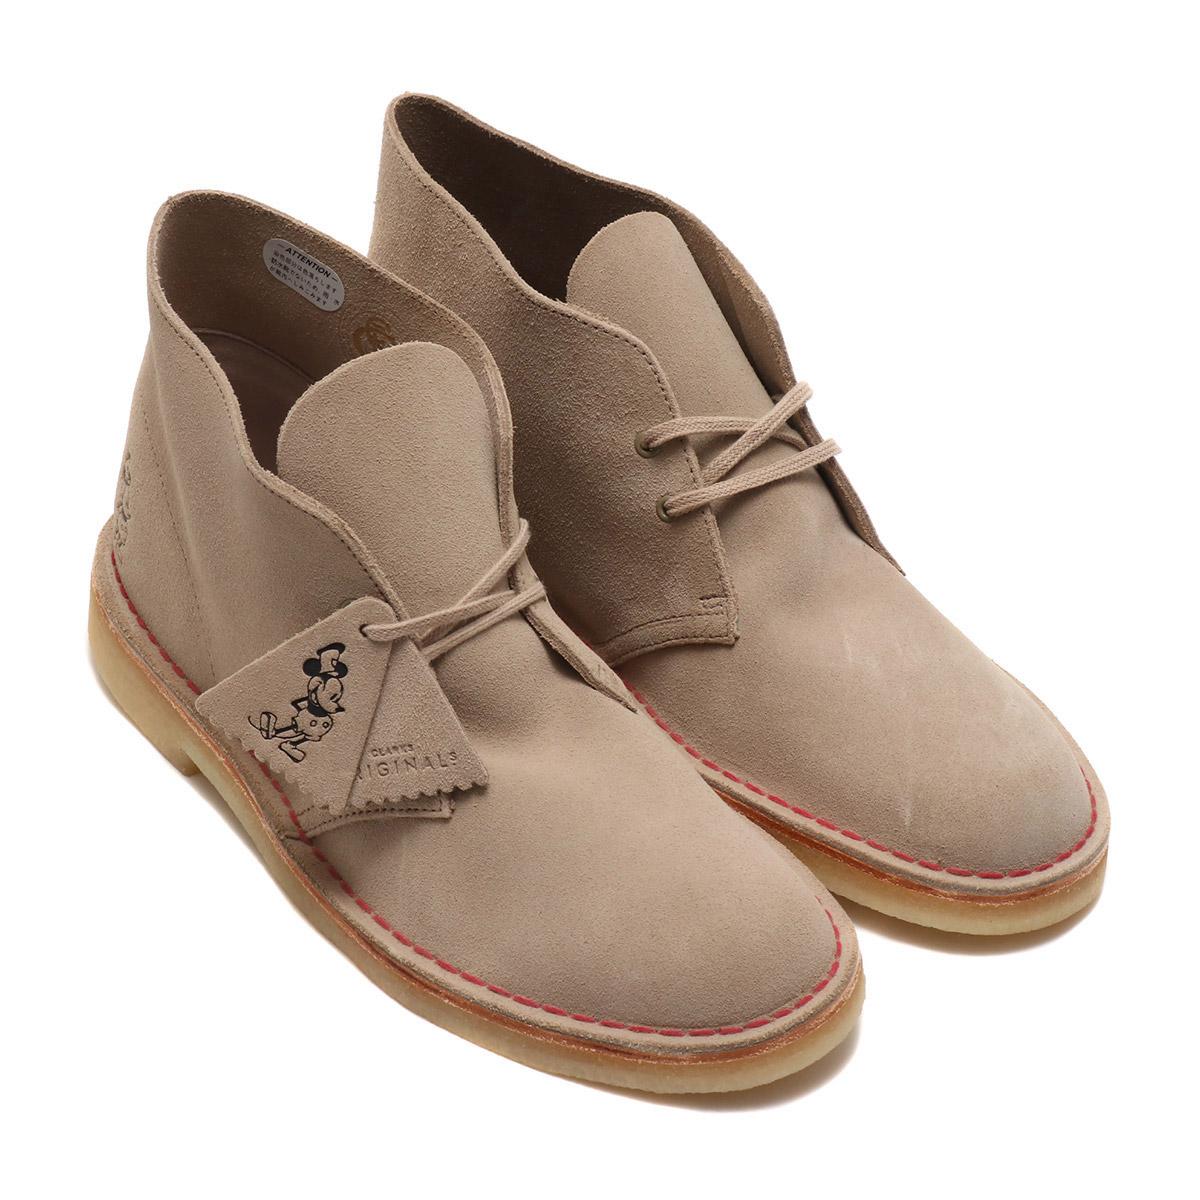 Clarks Desert Boot (クラークス デザートブーツ) Sand Suede Embos【メンズ レディース デザートブーツ】18FW-S